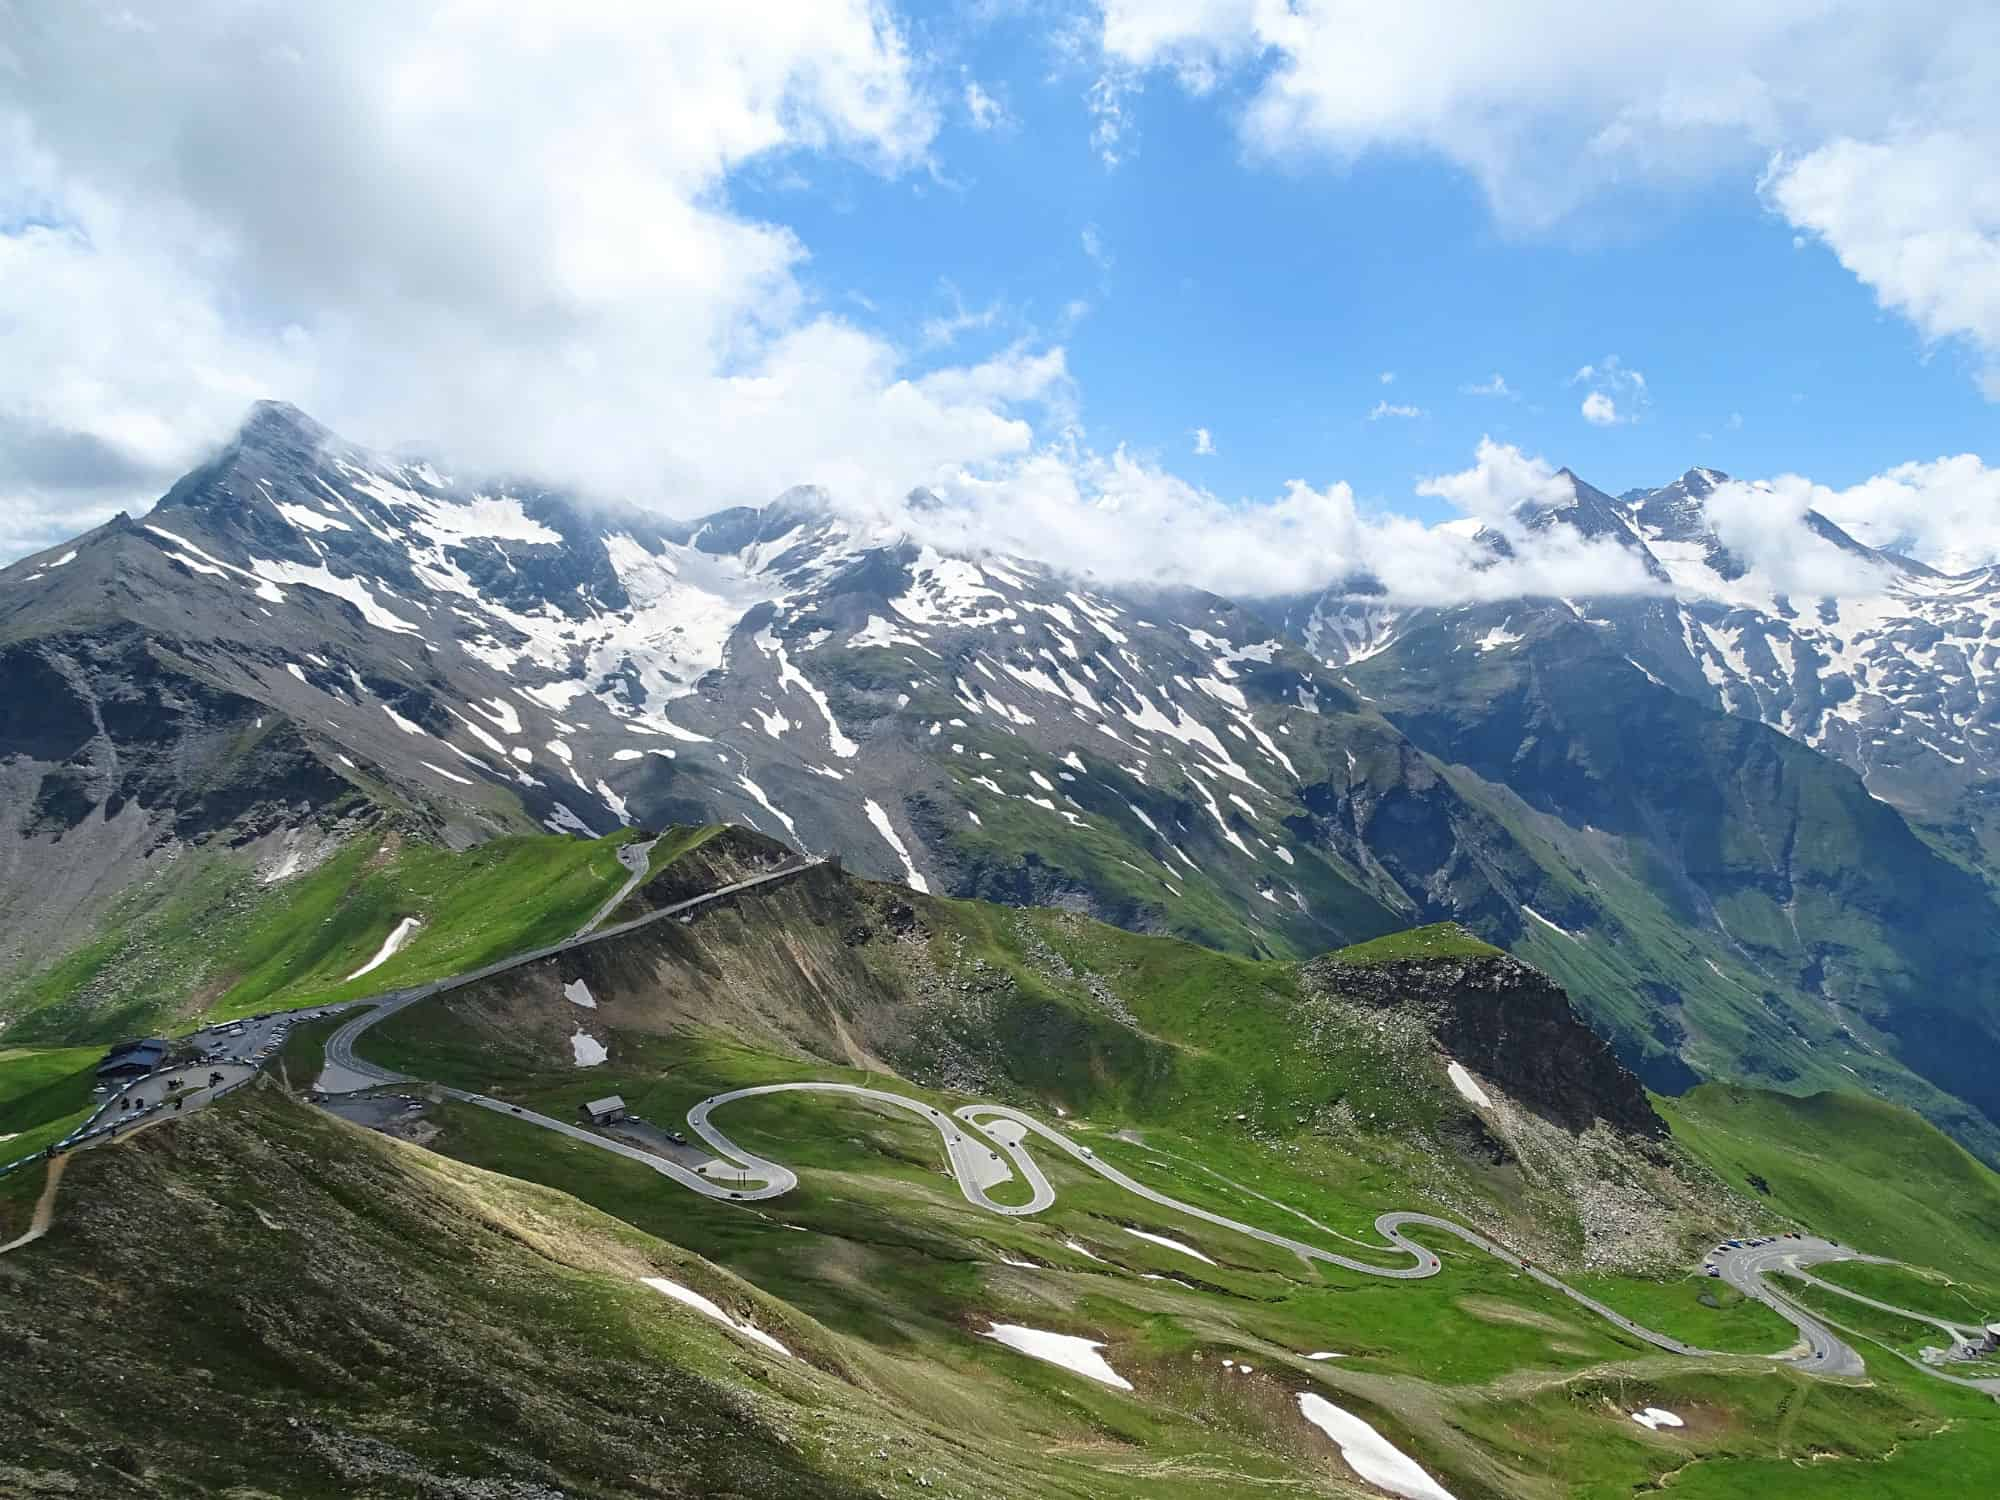 Grossglockner Hochalpenstrasse, Austria – road to drive